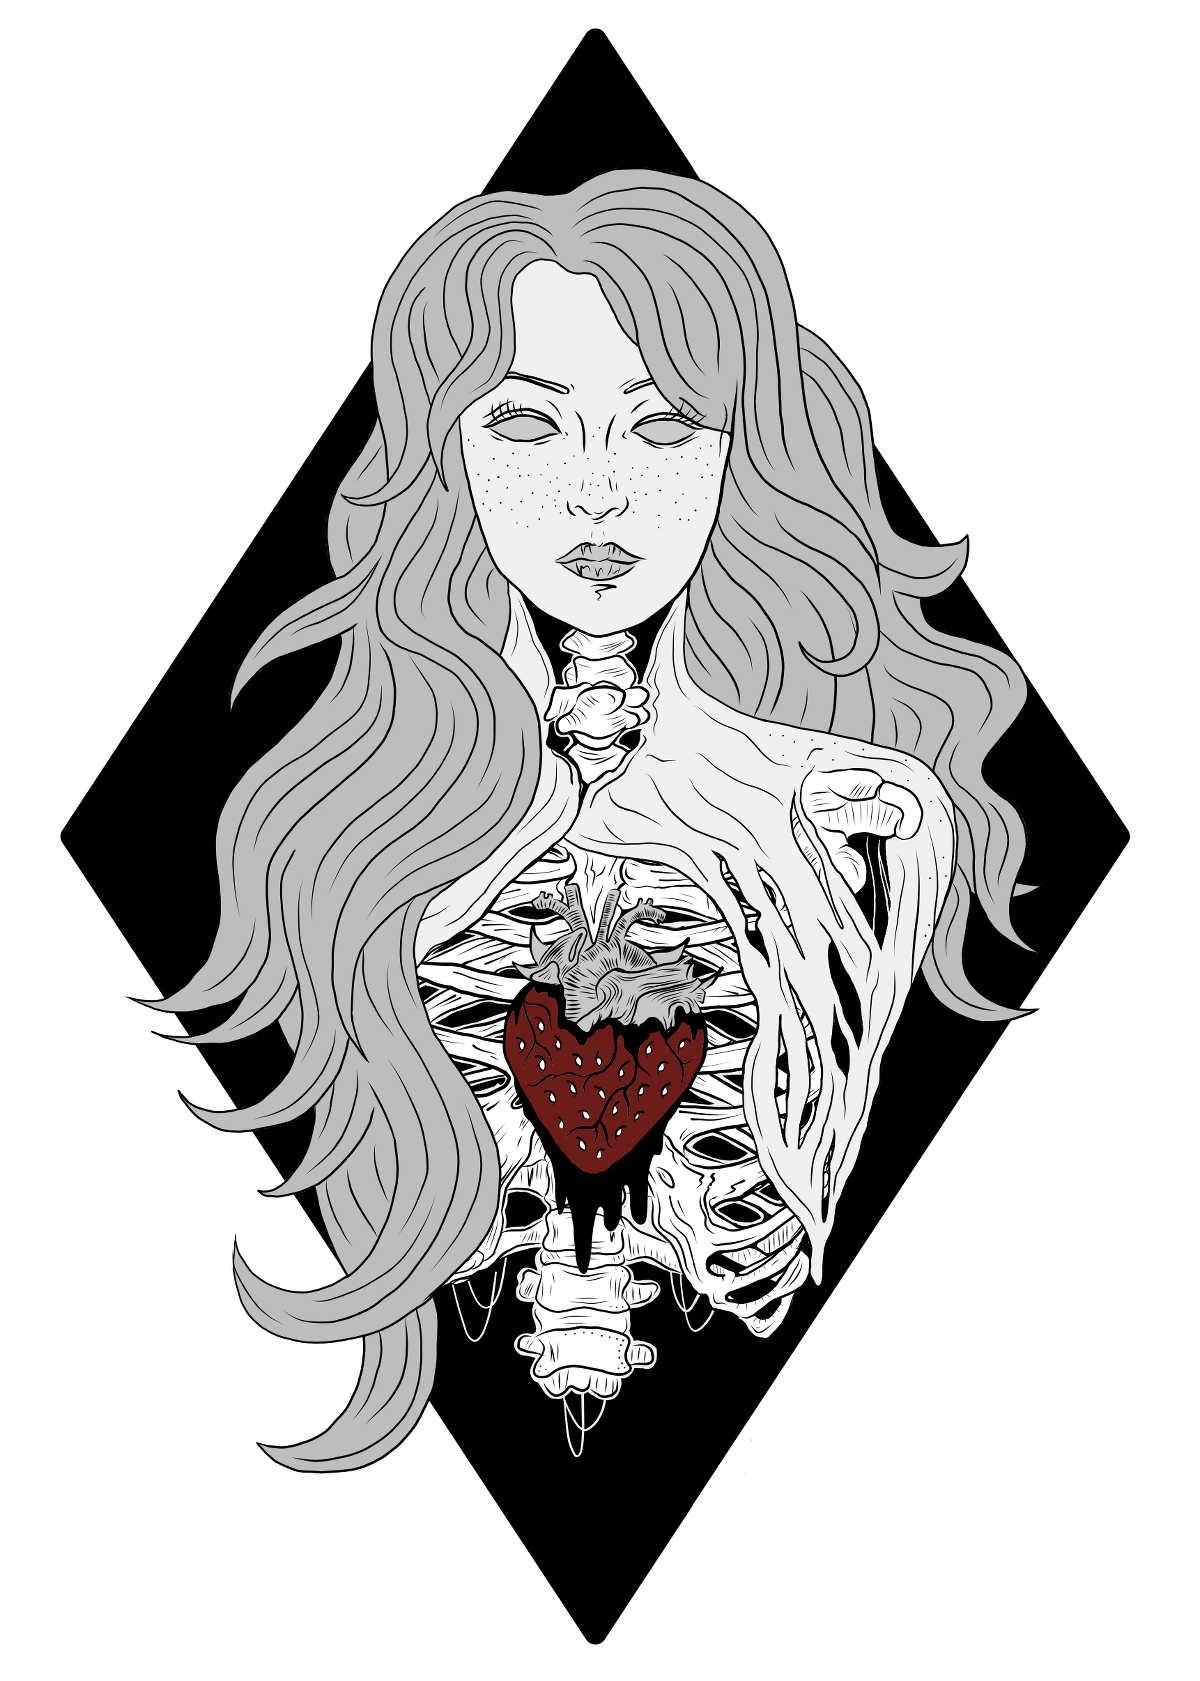 erdbeermädchen, illustration von elisa garrett